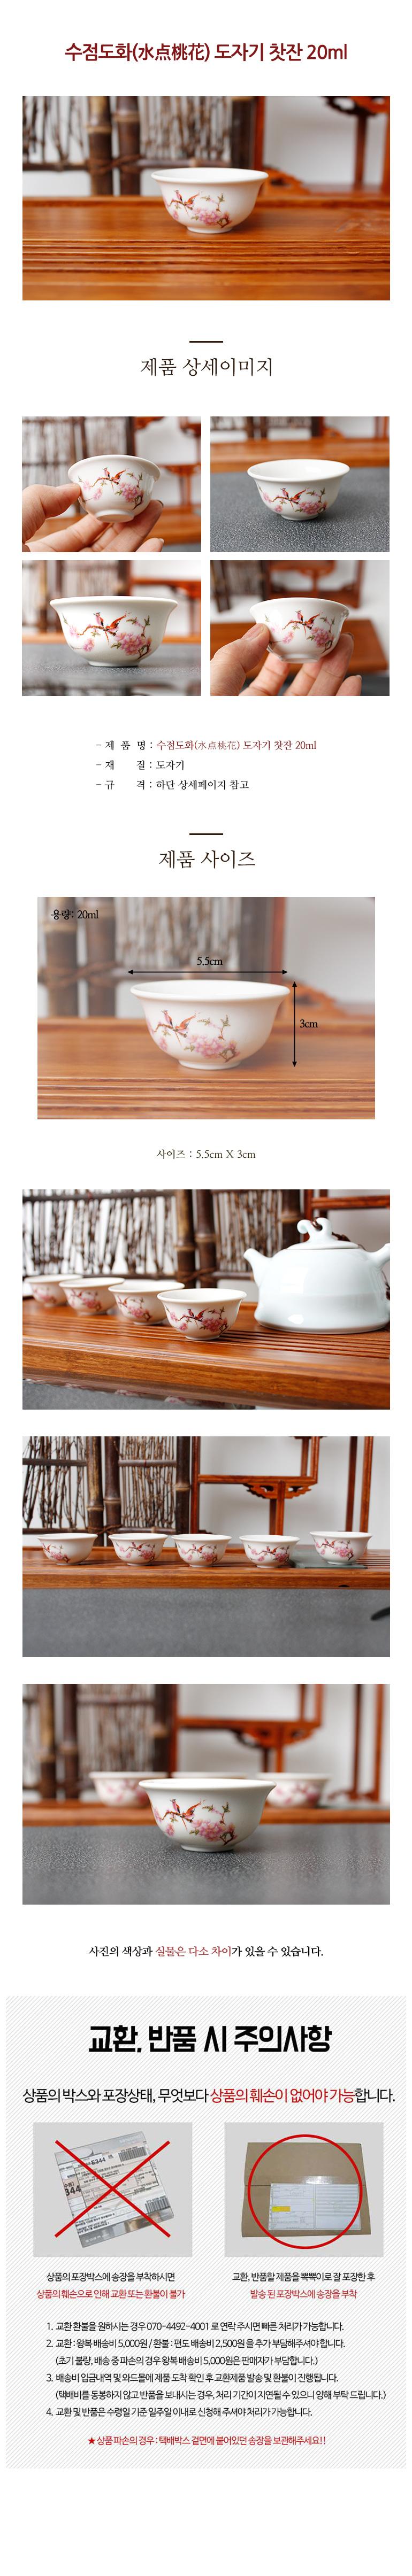 수점도화 도자기 찻잔 - 와드몰, 2,000원, 커피잔/찻잔, 커피잔/찻잔